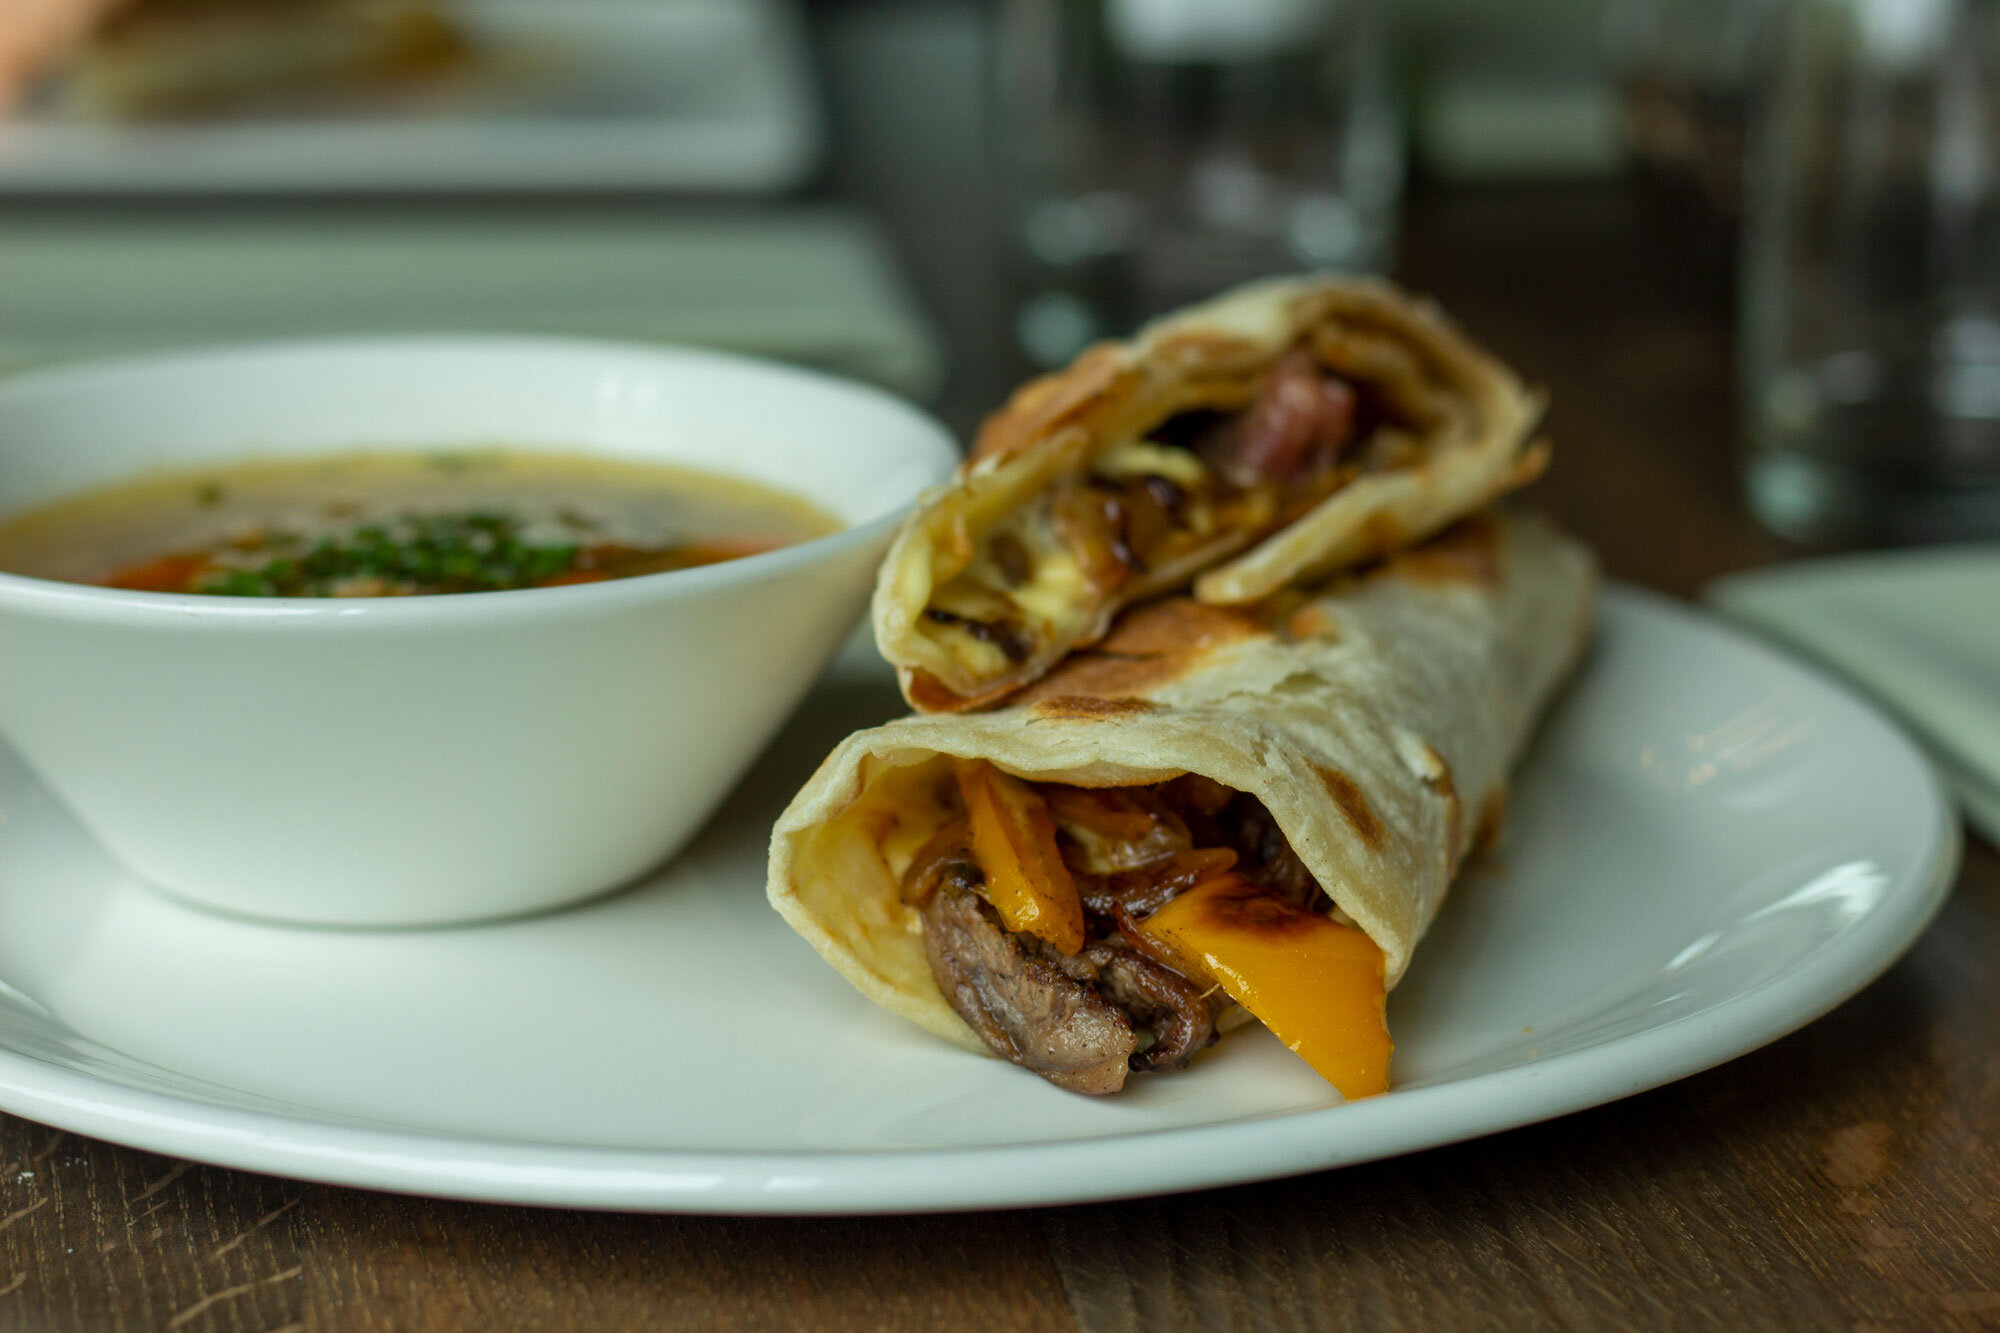 Linear-June-2019-Lunch-Wagyu-Steak-Sandwich.jpg